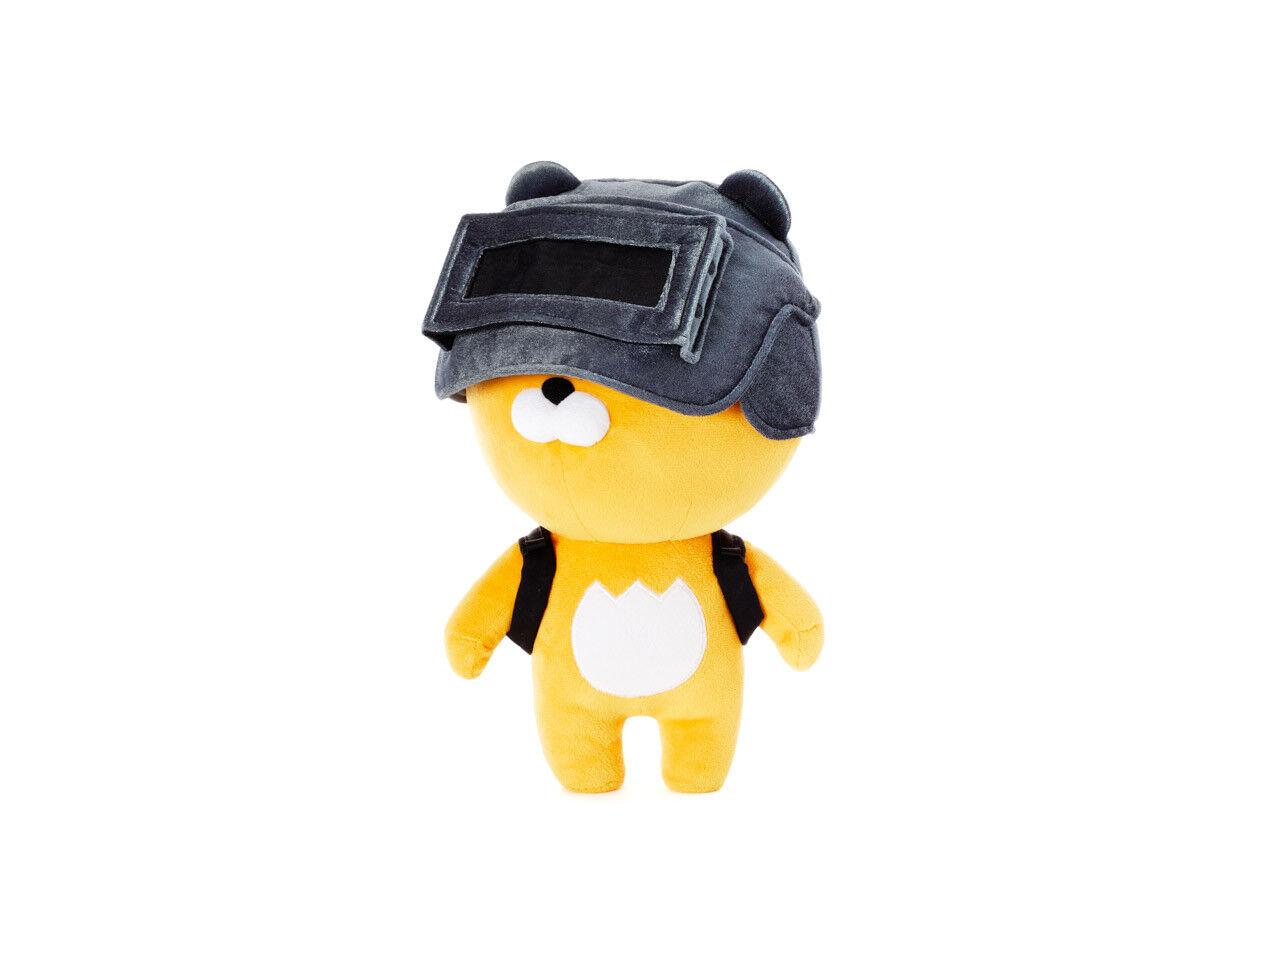 Batalla de tierra Ryan carácter Kakao amigos animales muñeca de juguete de Naranja 30cm Play